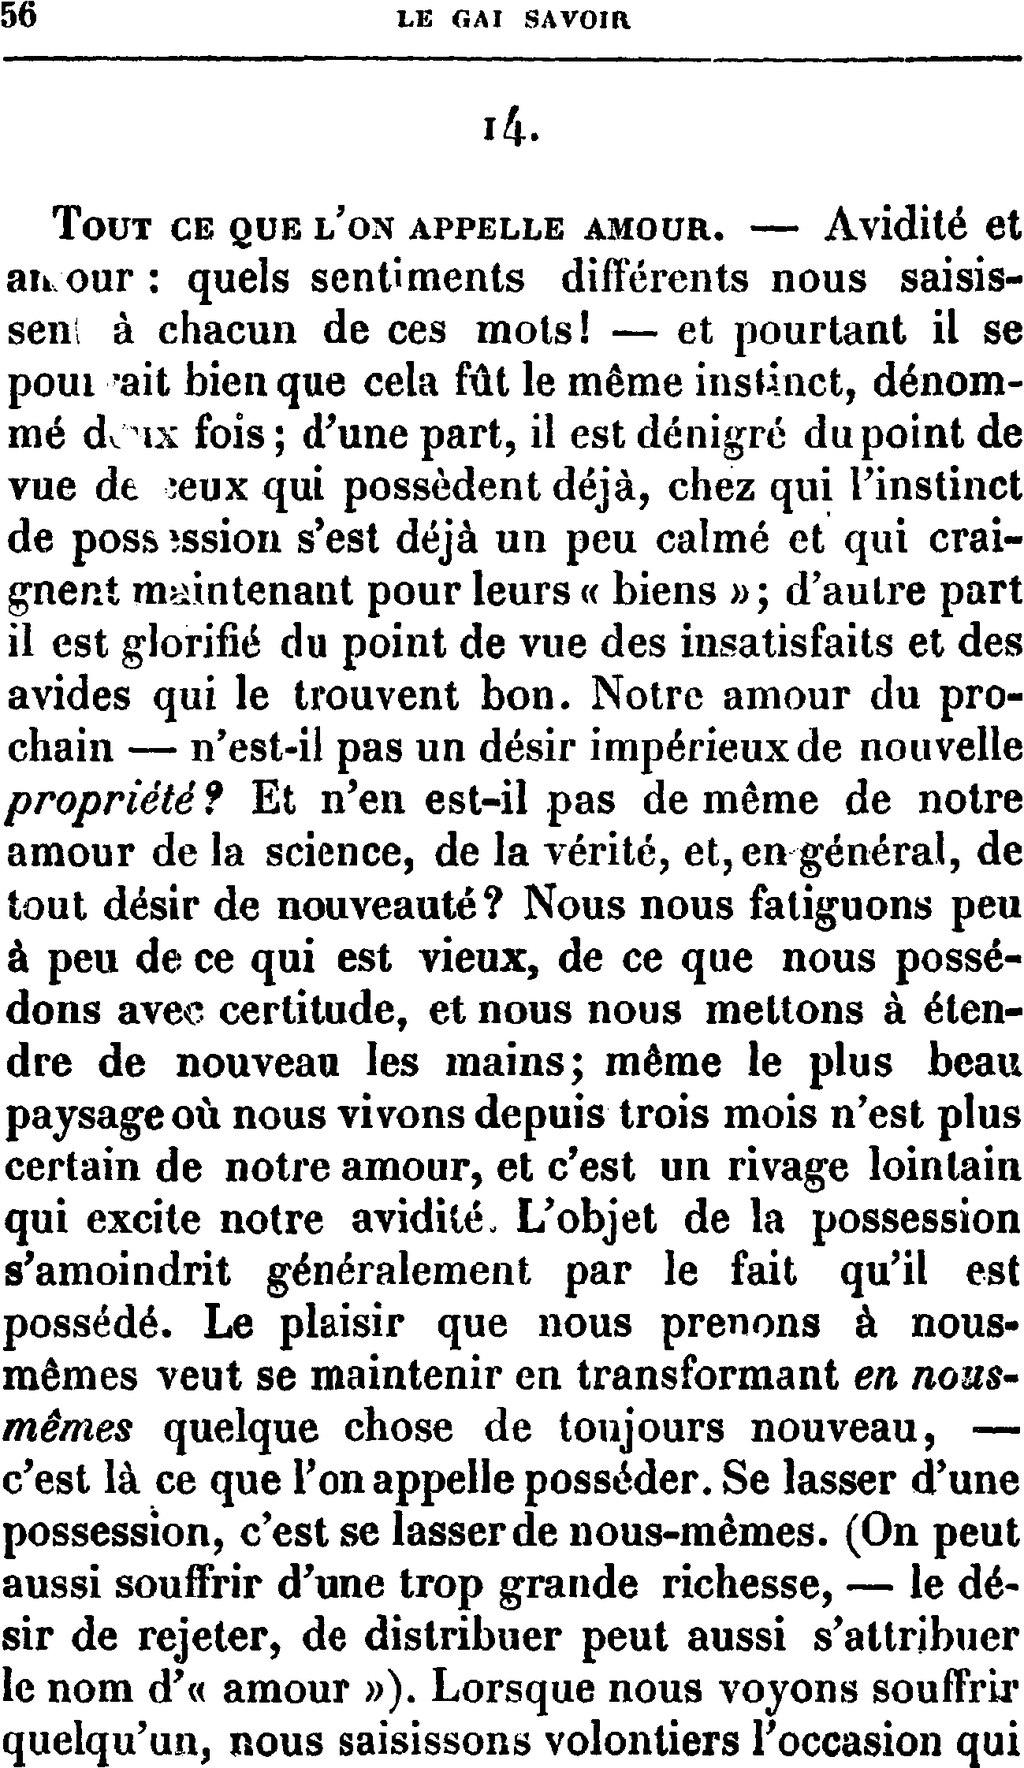 Pagenietzsche Le Gai Savoir 1901djvu57 Wikisource